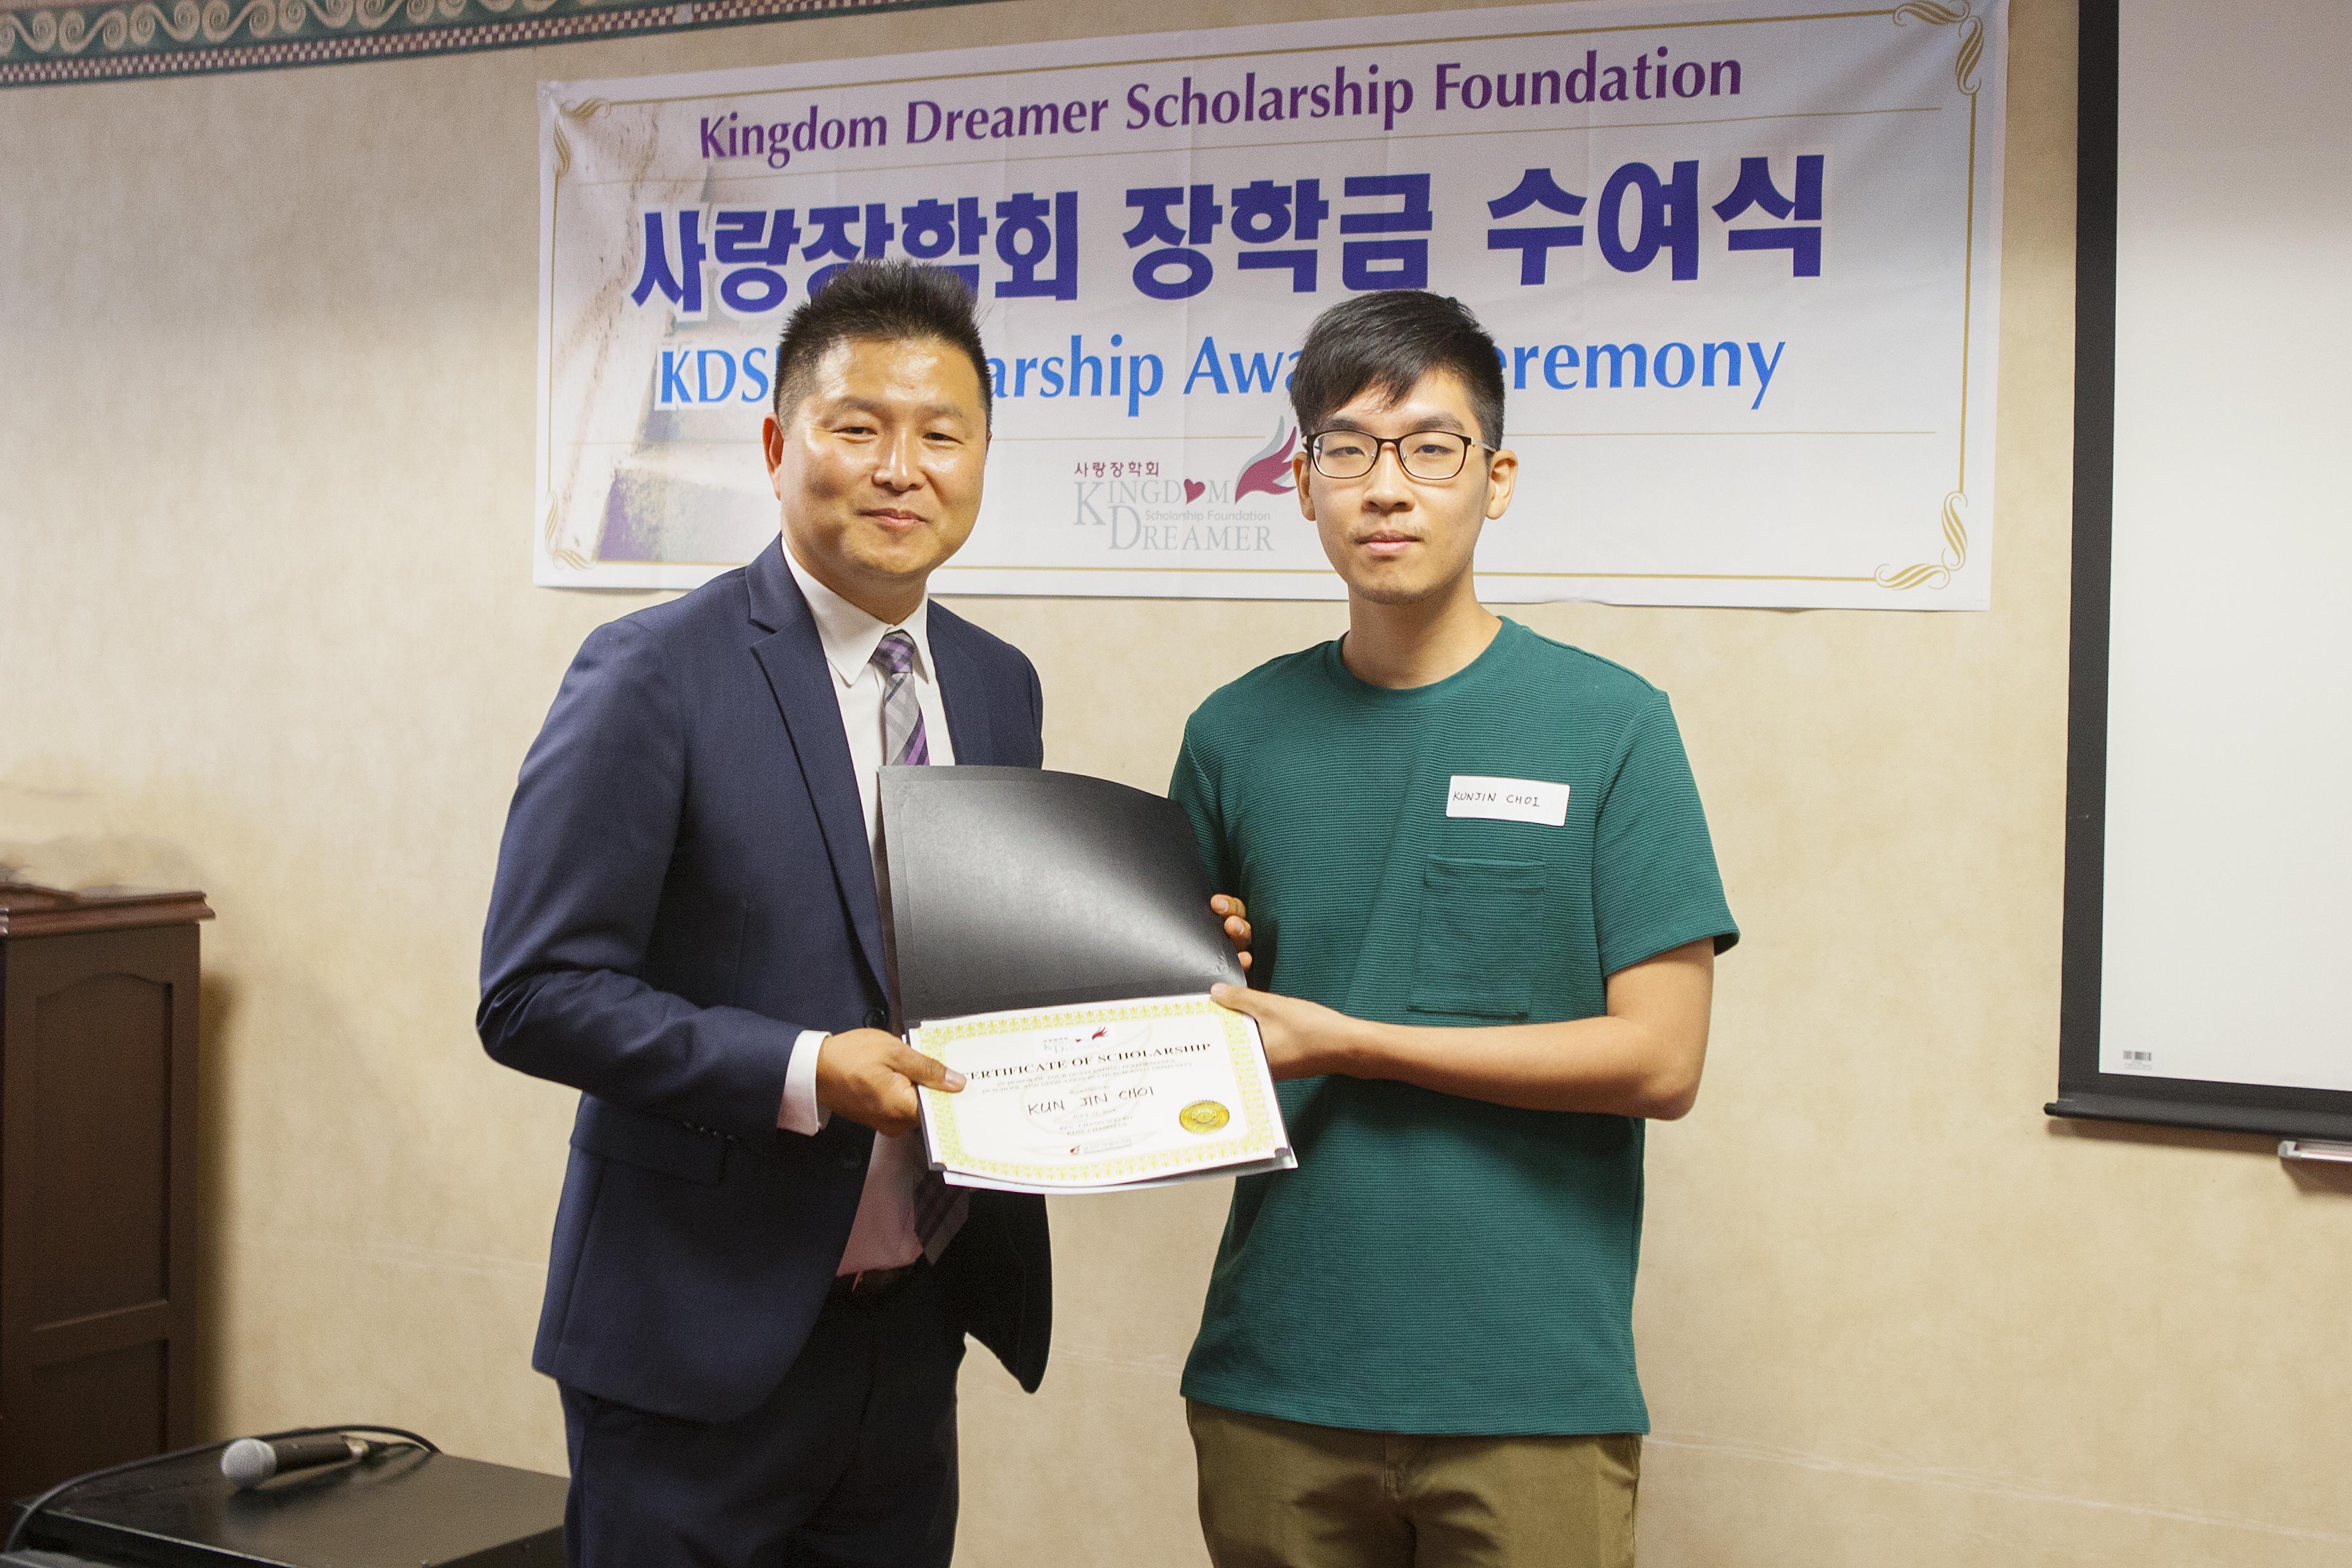 Kun Jin Choi